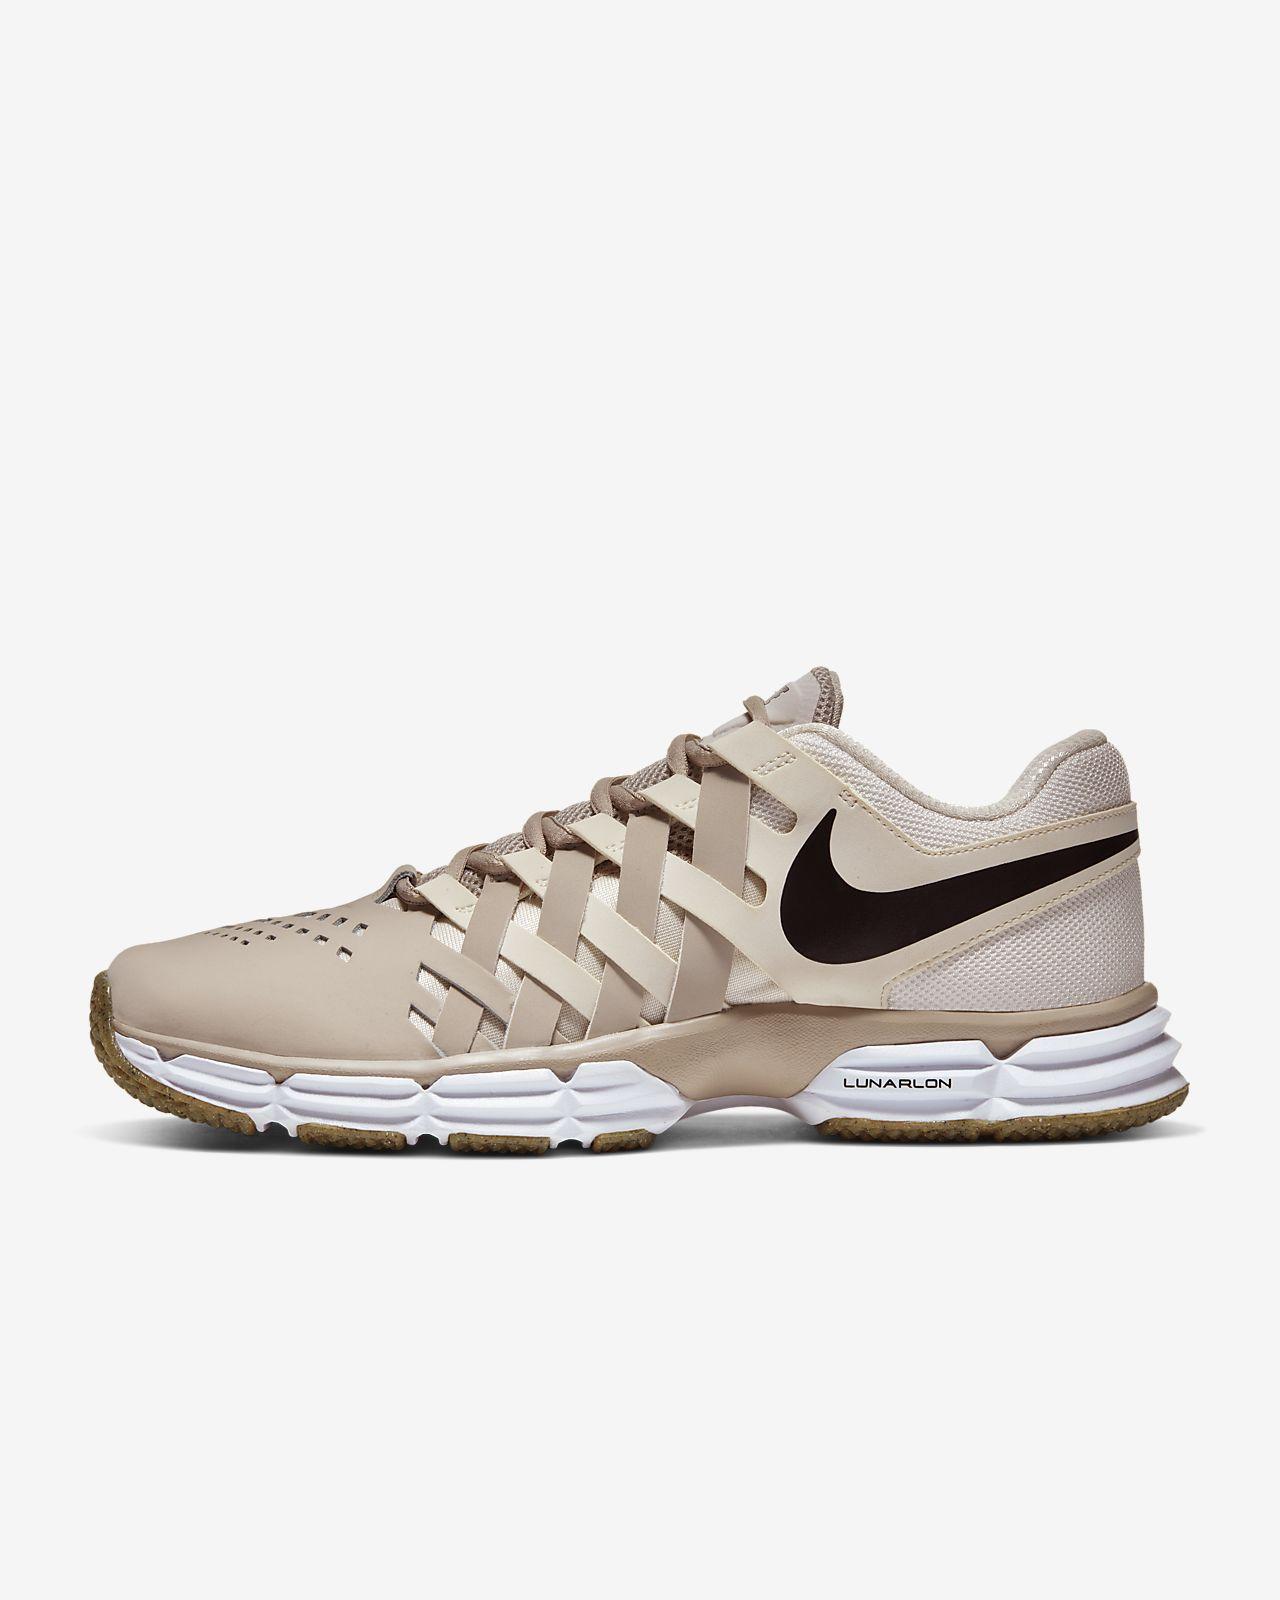 Nike Lunar Fingertrap TR Men's GymGameday Shoe